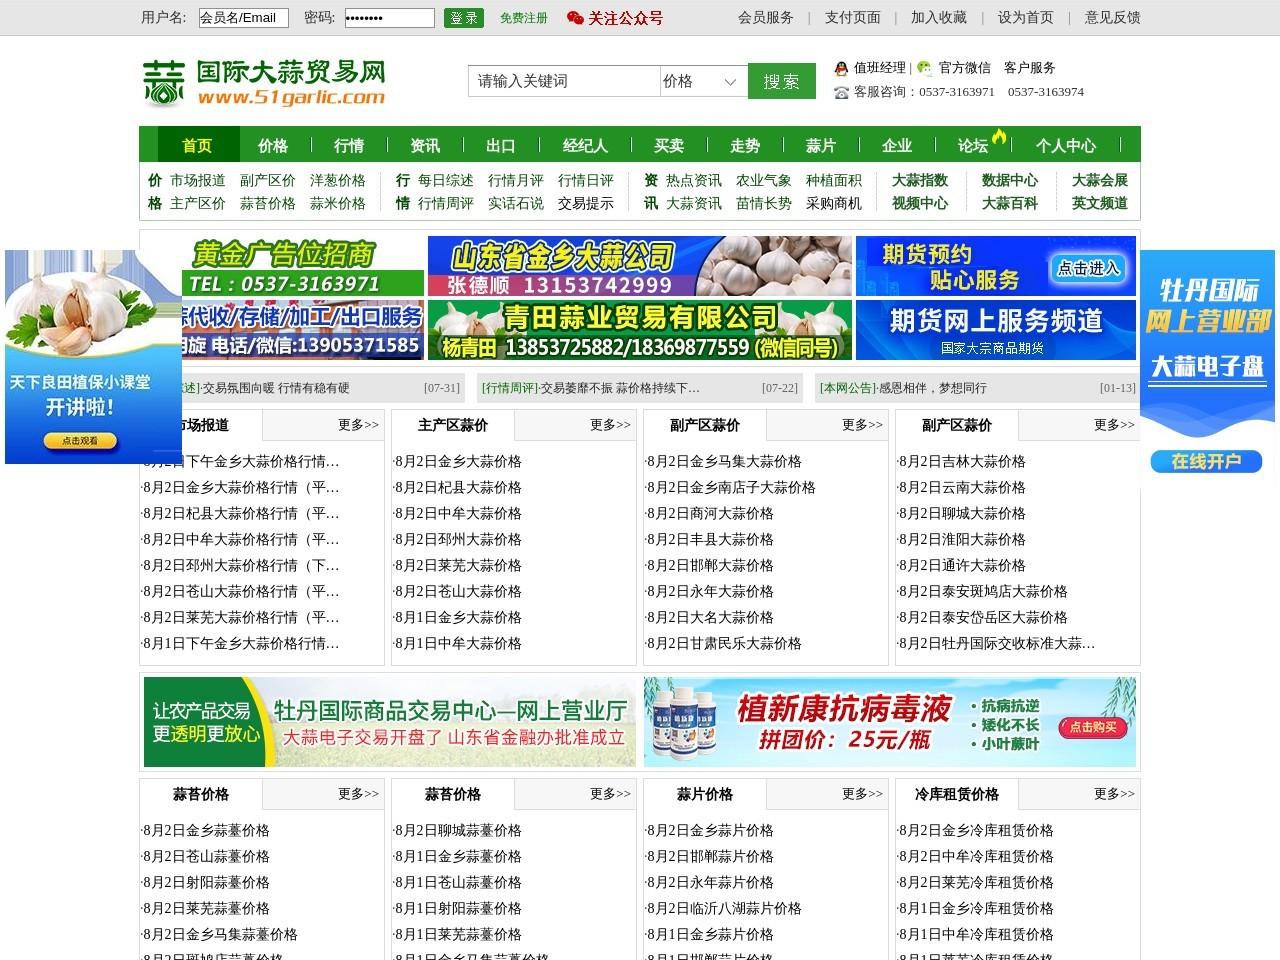 国际大蒜贸易网截图